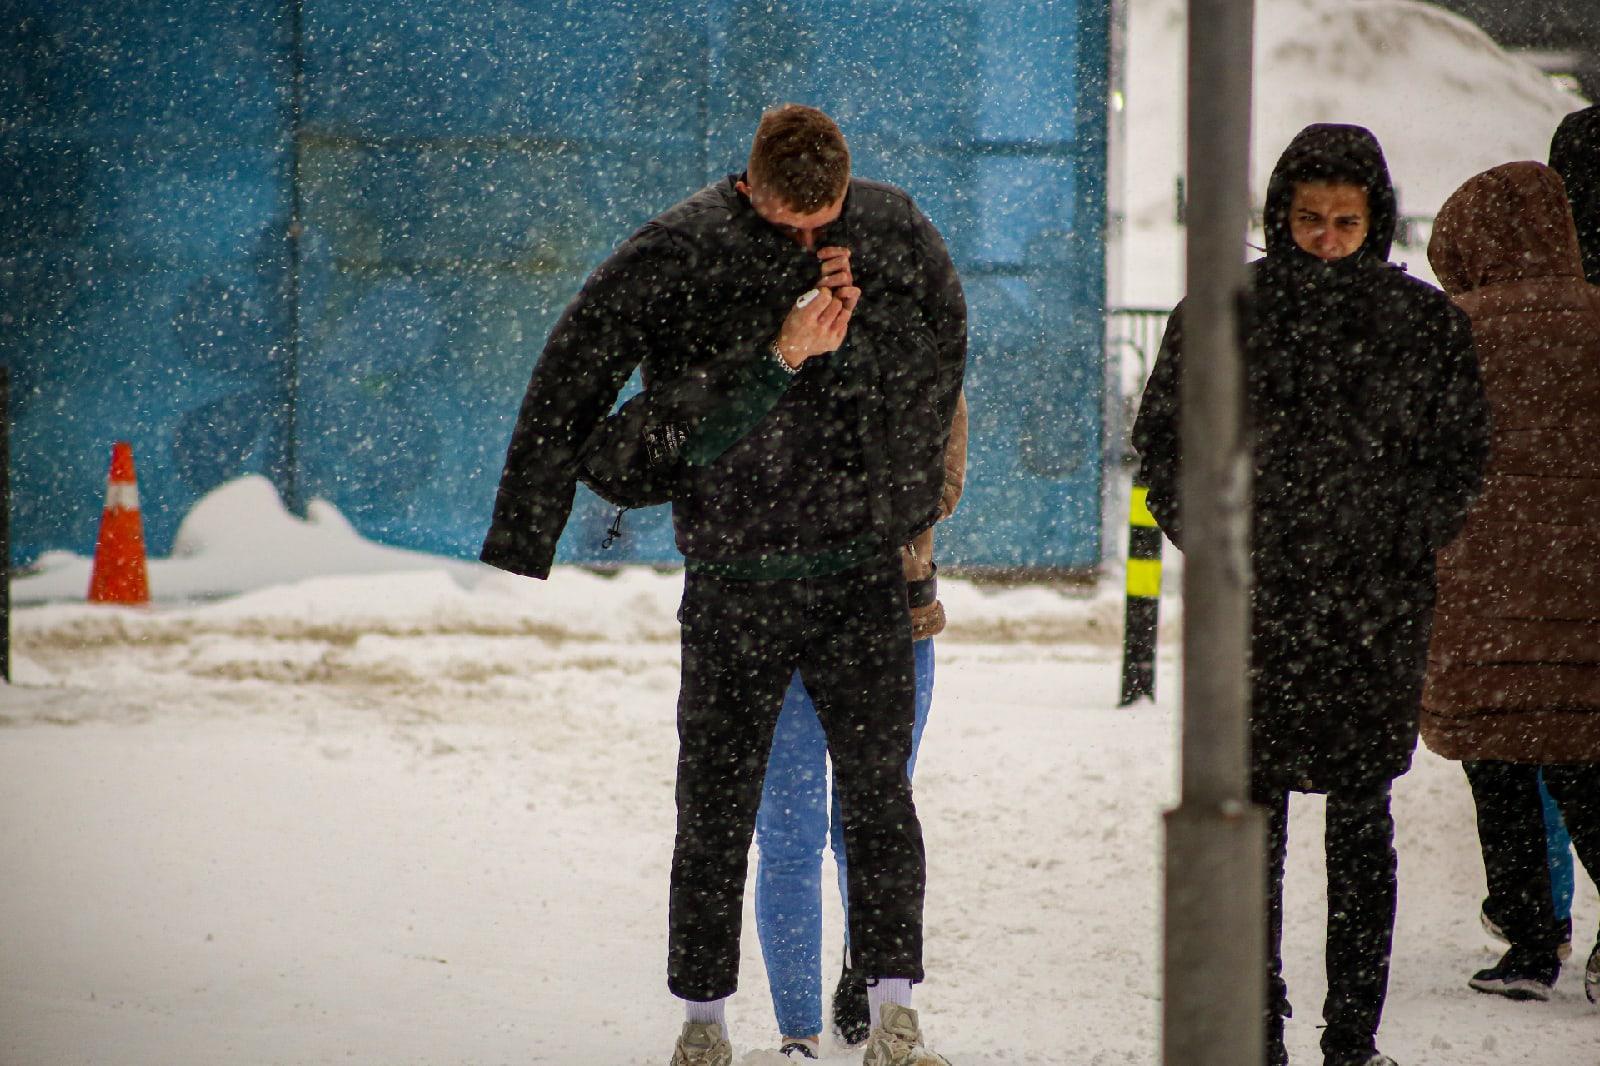 фото Новосибирск накрыла ледяная буря: 10 фото из снежного плена 9